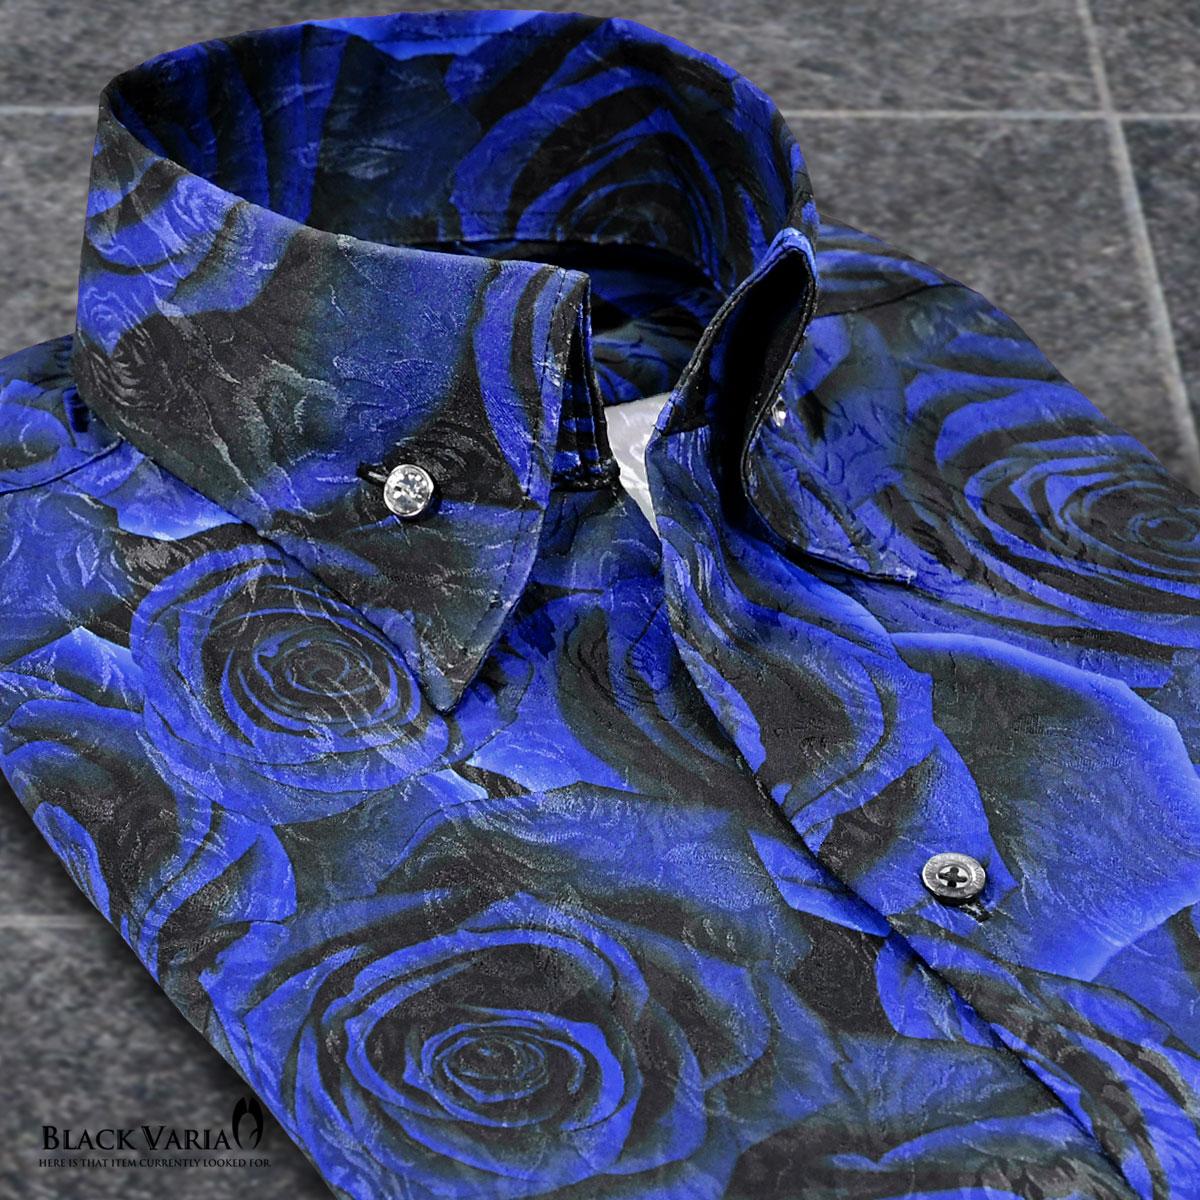 サテンシャツ ドレスシャツ スキッパー 薔薇 日本製 メンズ ボタンダウン スリム ジャガード パーティー mens(ブルー青)